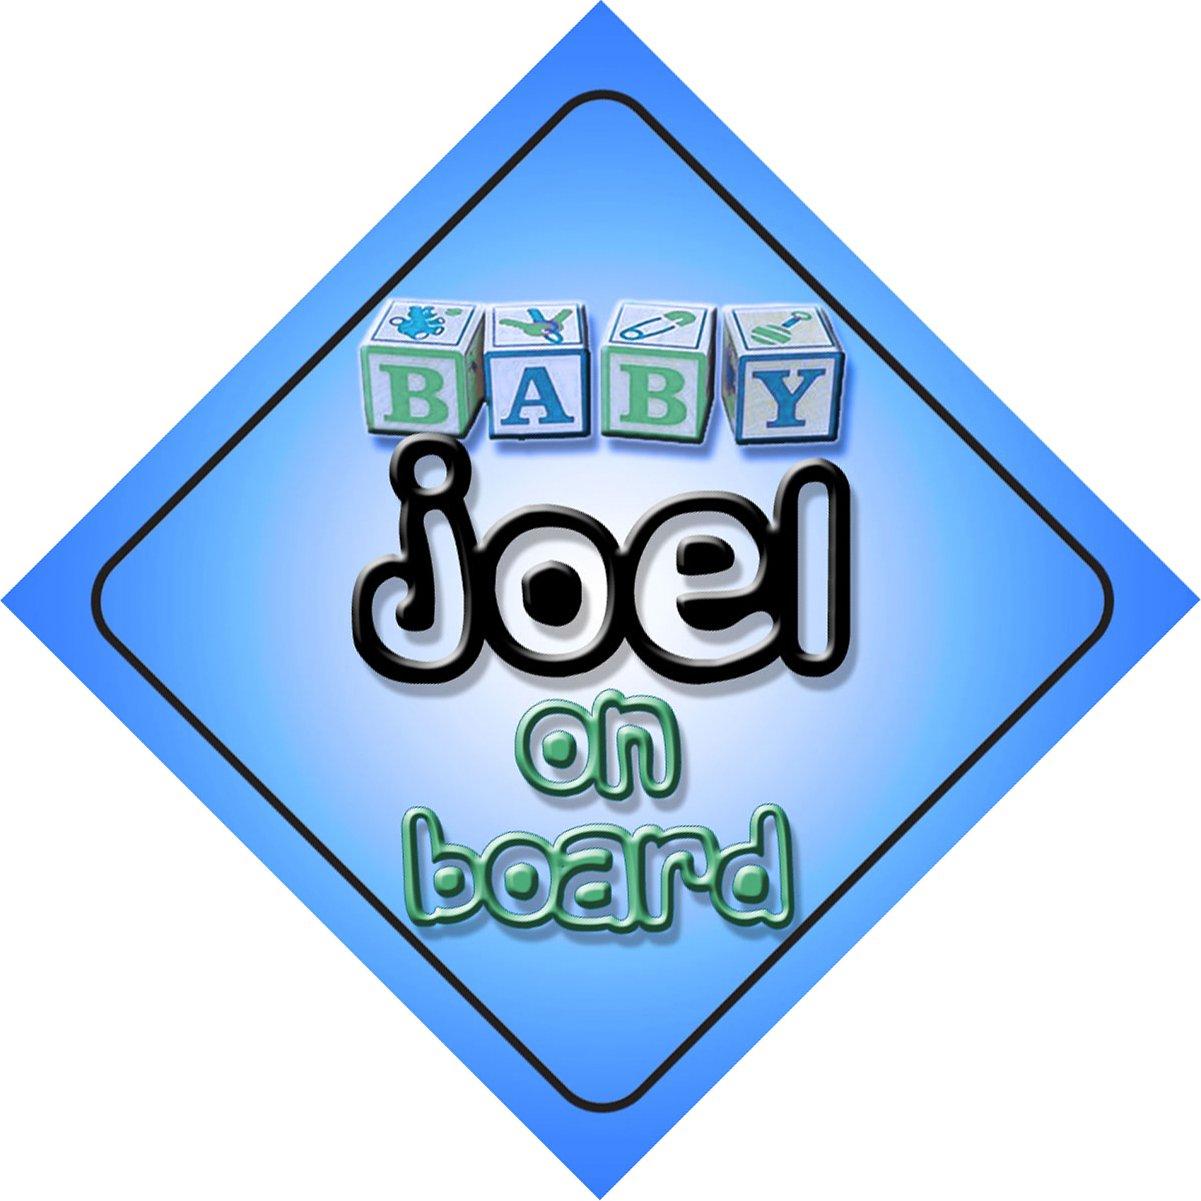 Joel on board baby Boy 'per auto, perfetto come regalo per bambini e neonati mybabyonboard.co.uk